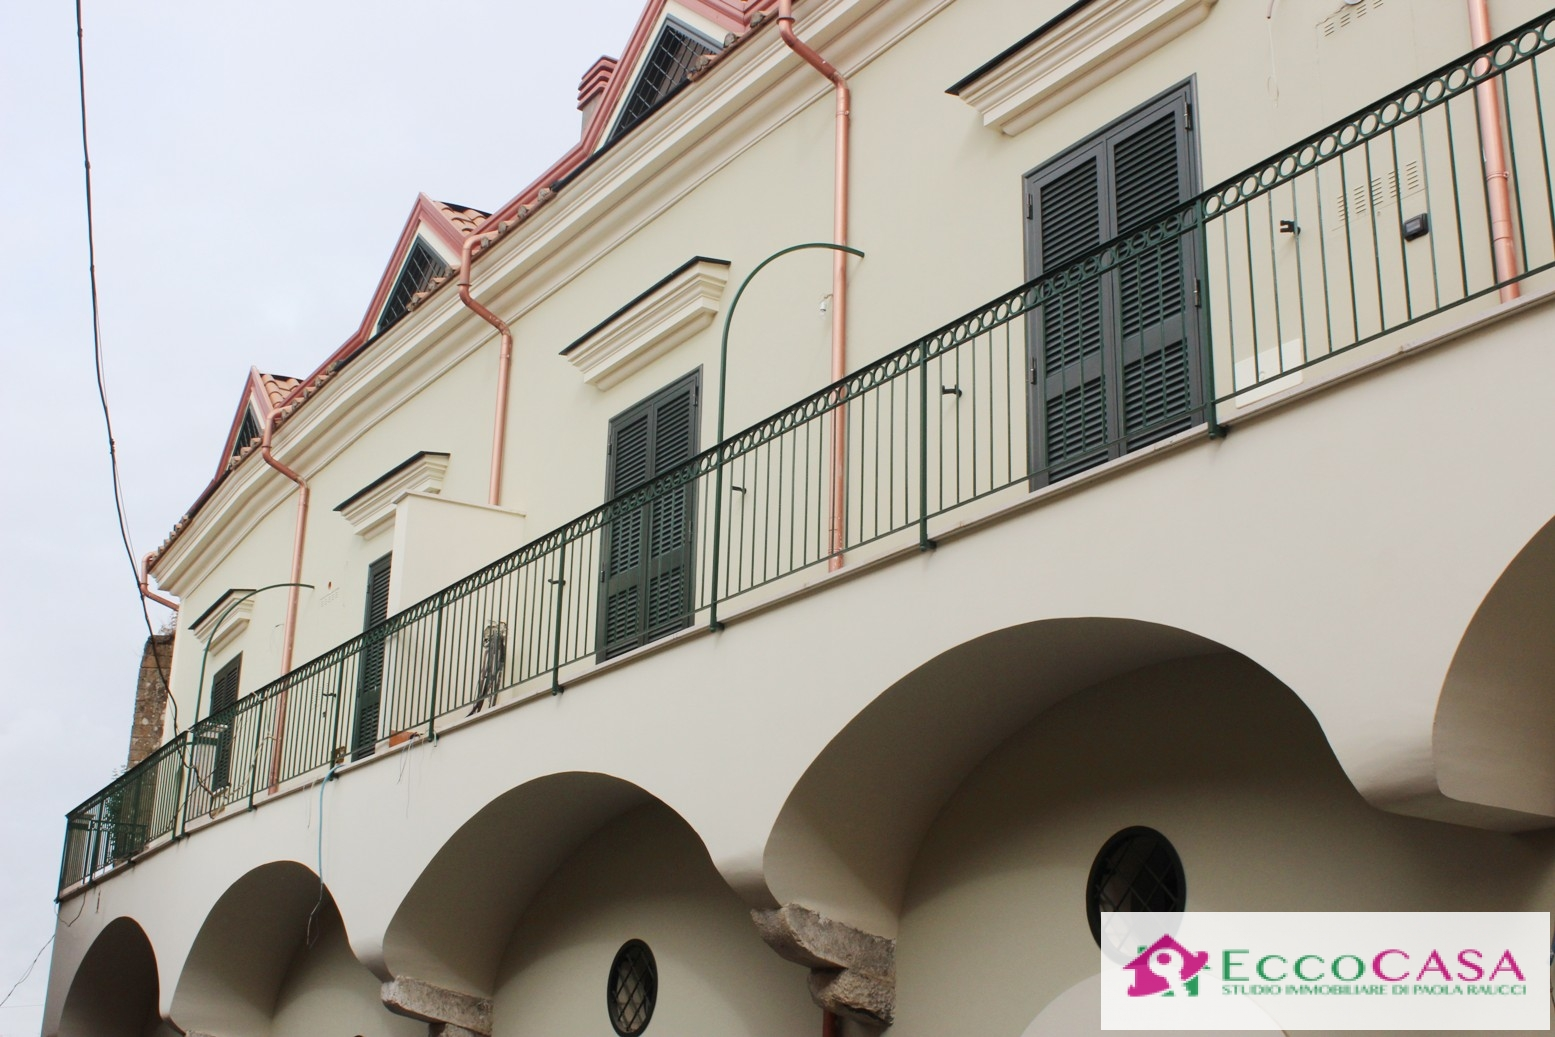 Appartamento in vendita a Maddaloni, 4 locali, prezzo € 180.000 | CambioCasa.it